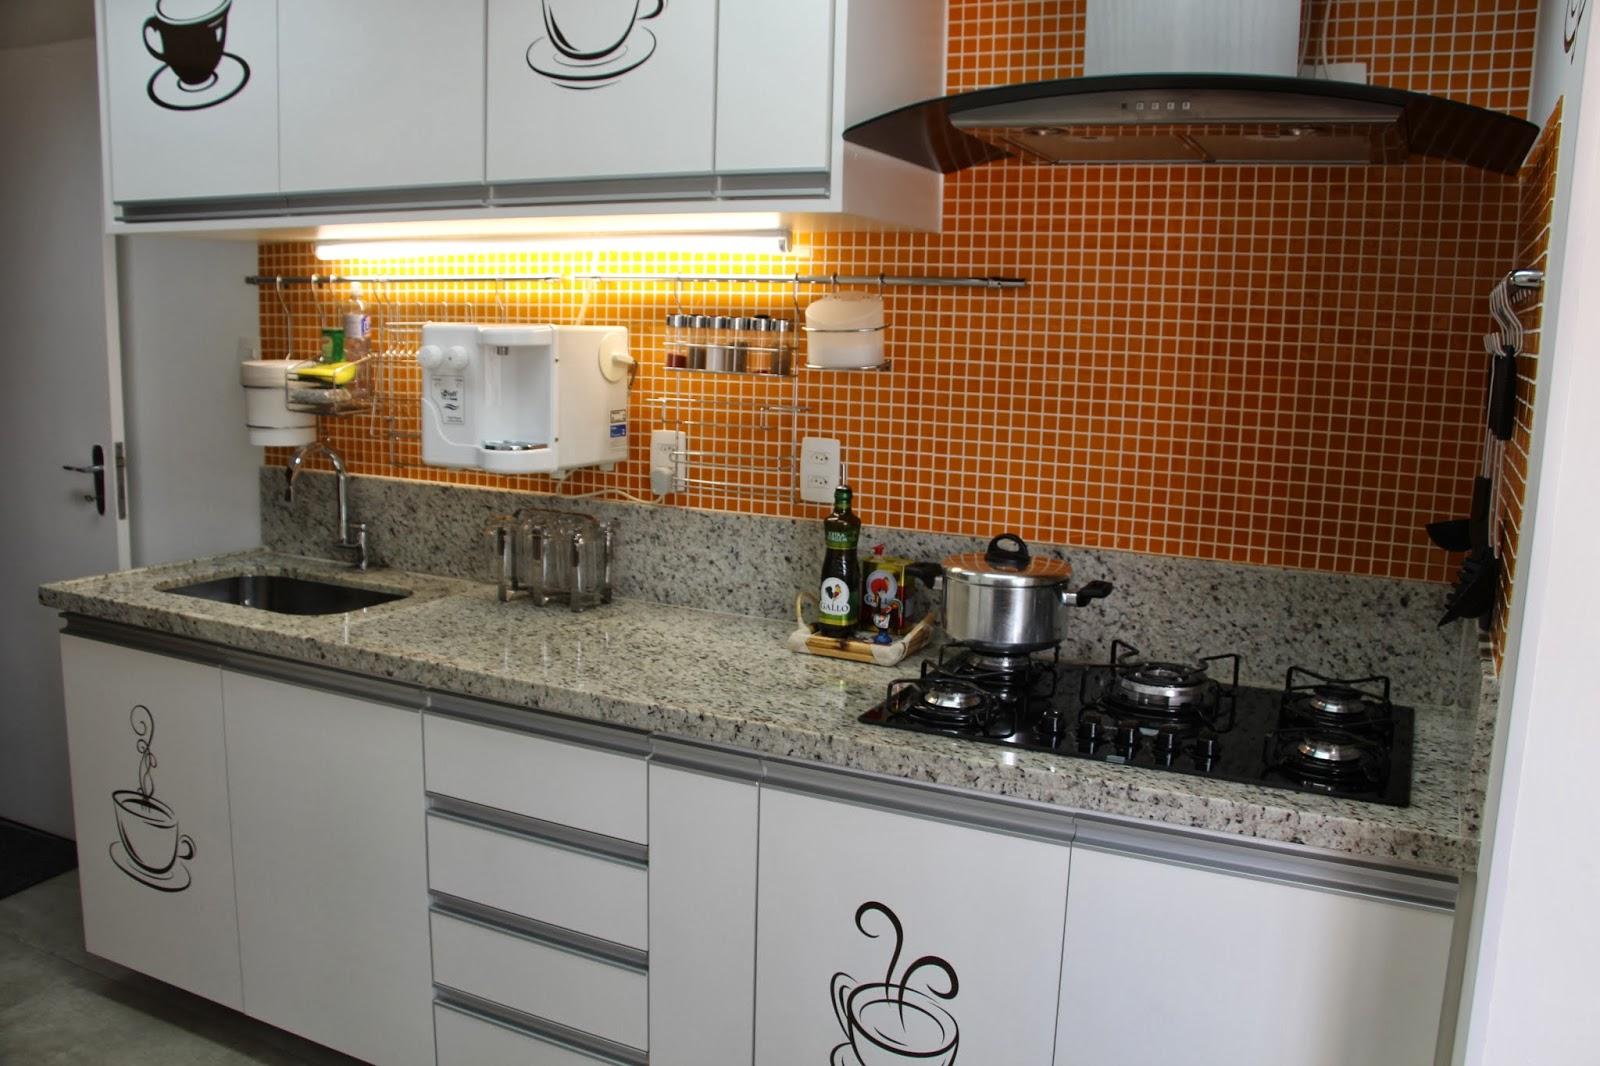 Altura Bancada Cozinha Trendy With Altura Bancada Cozinha Fotos